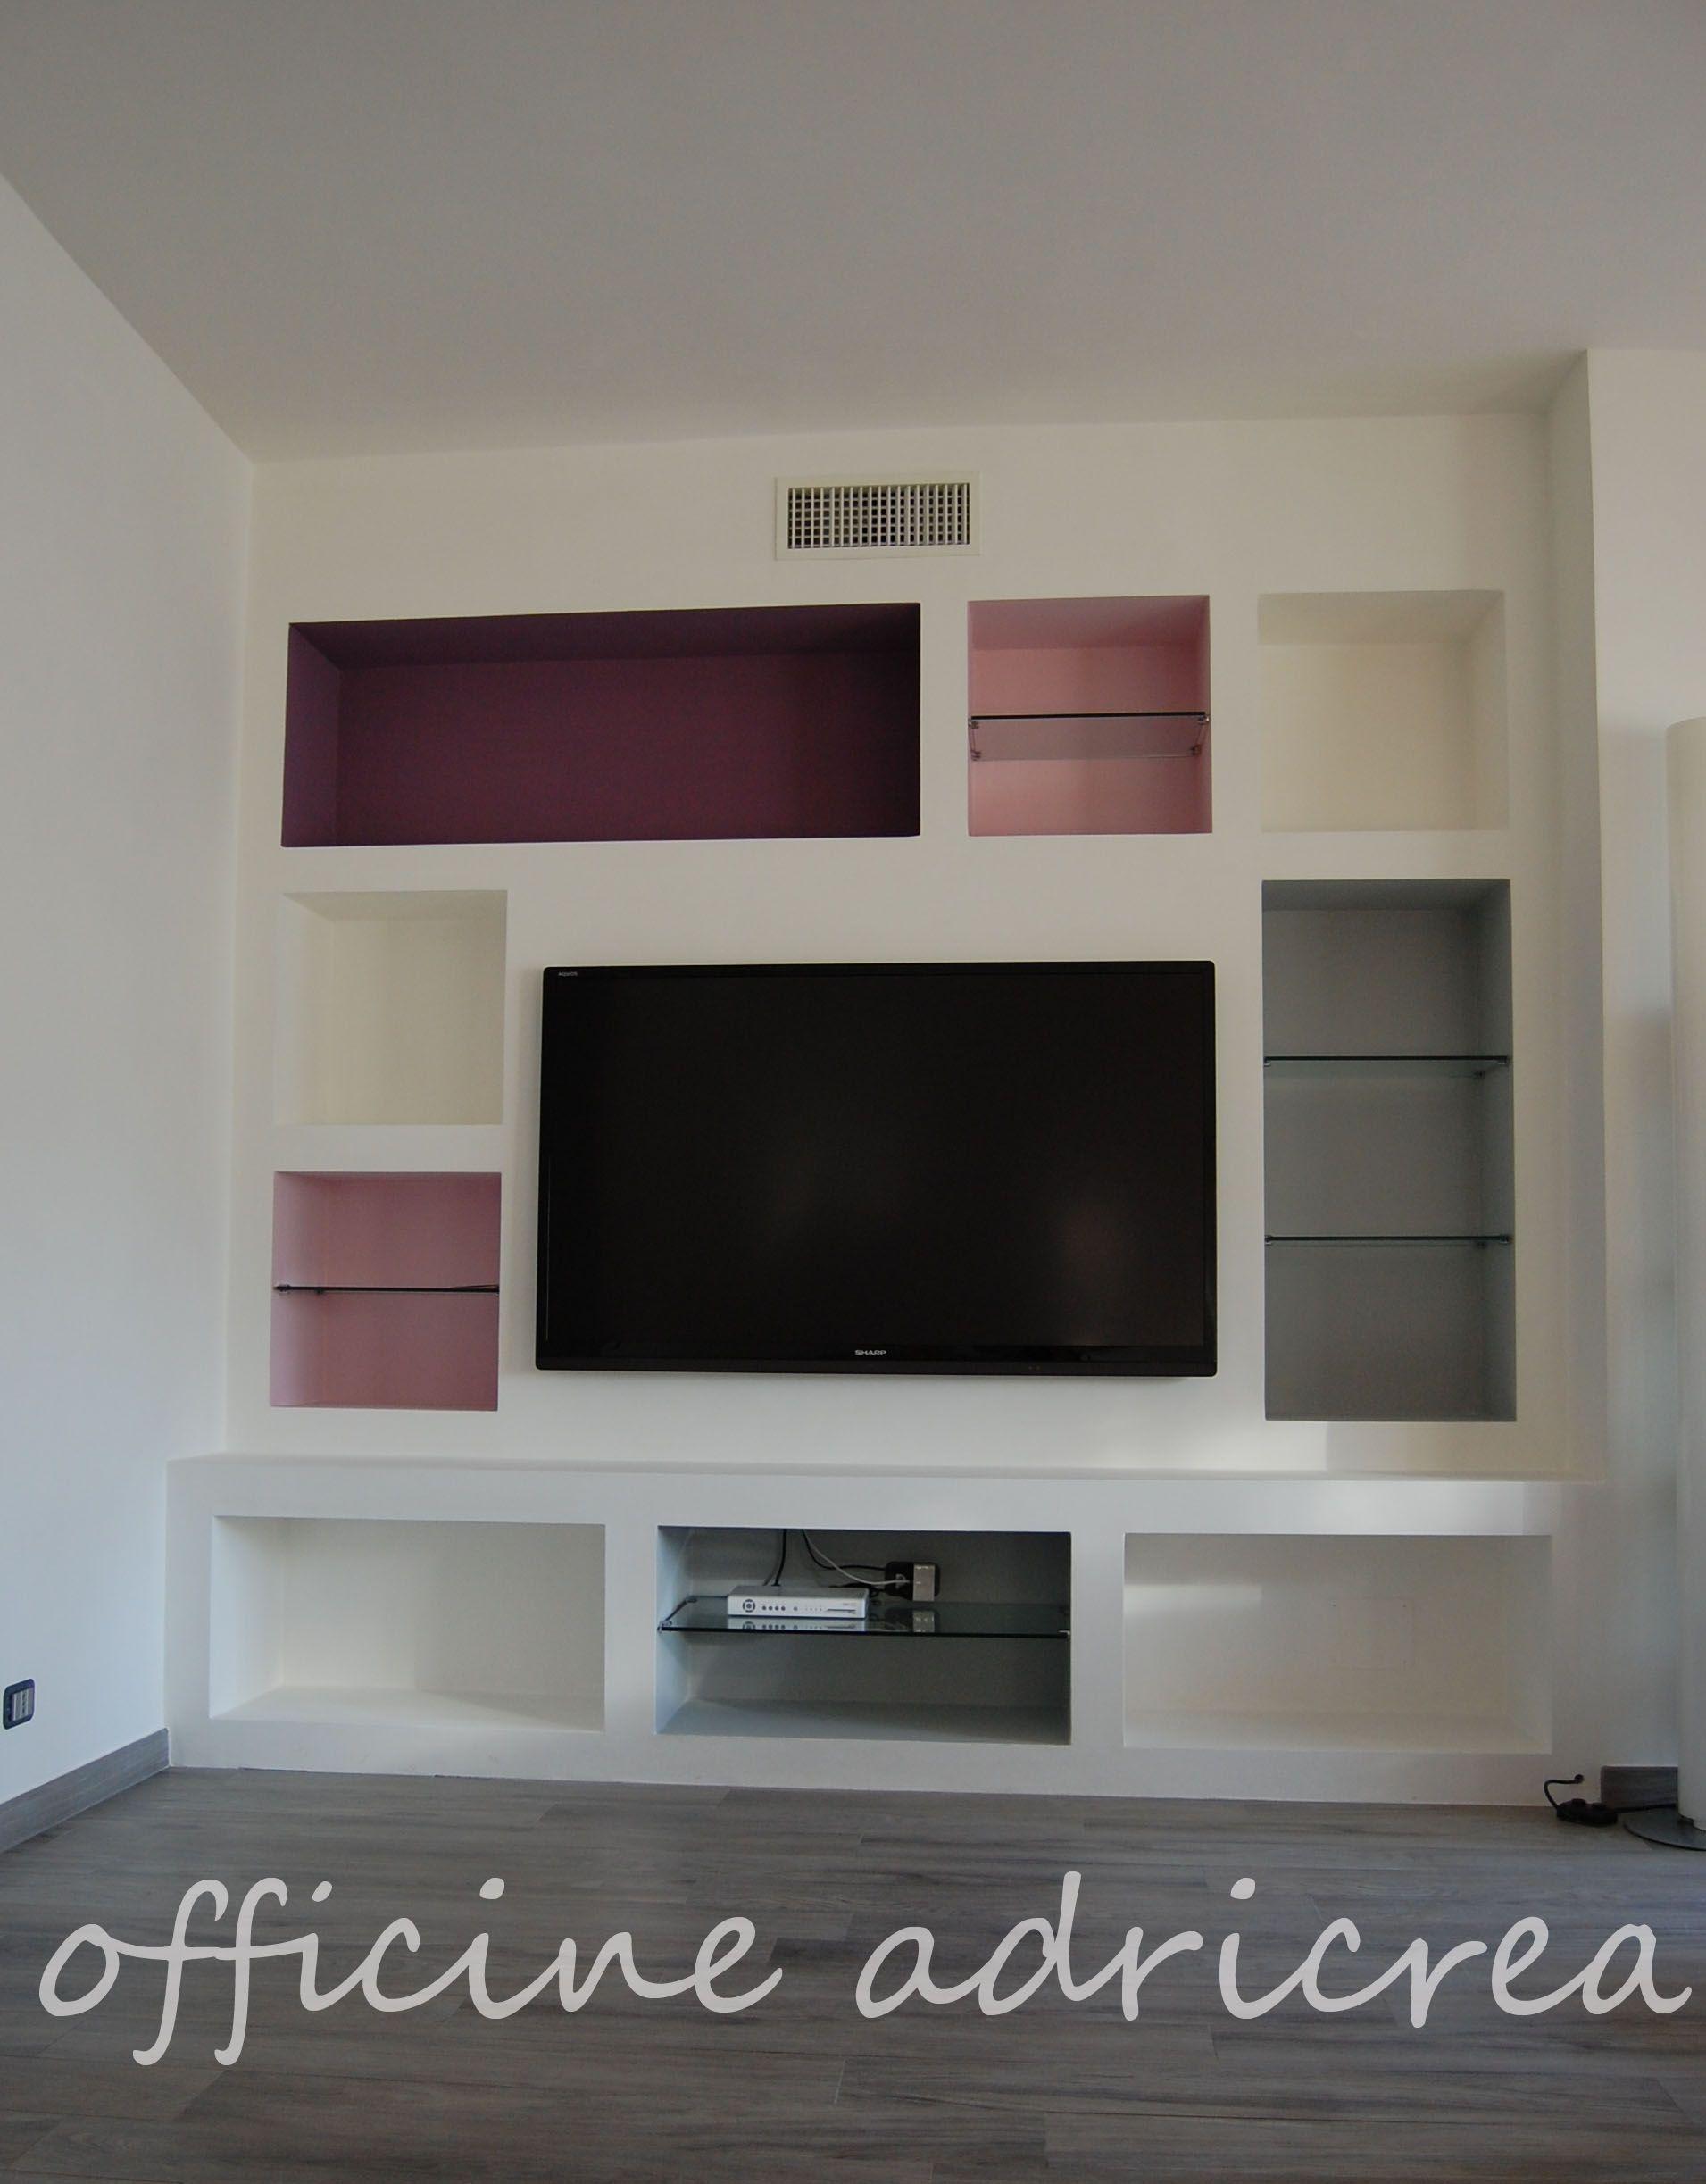 Visualizza altre idee su arredamento, parete attrezzata, arredamento soggiorno. Parete Attrezzata In Cartongesso Pareti Soggiorno Parete Attrezzata Arredamento